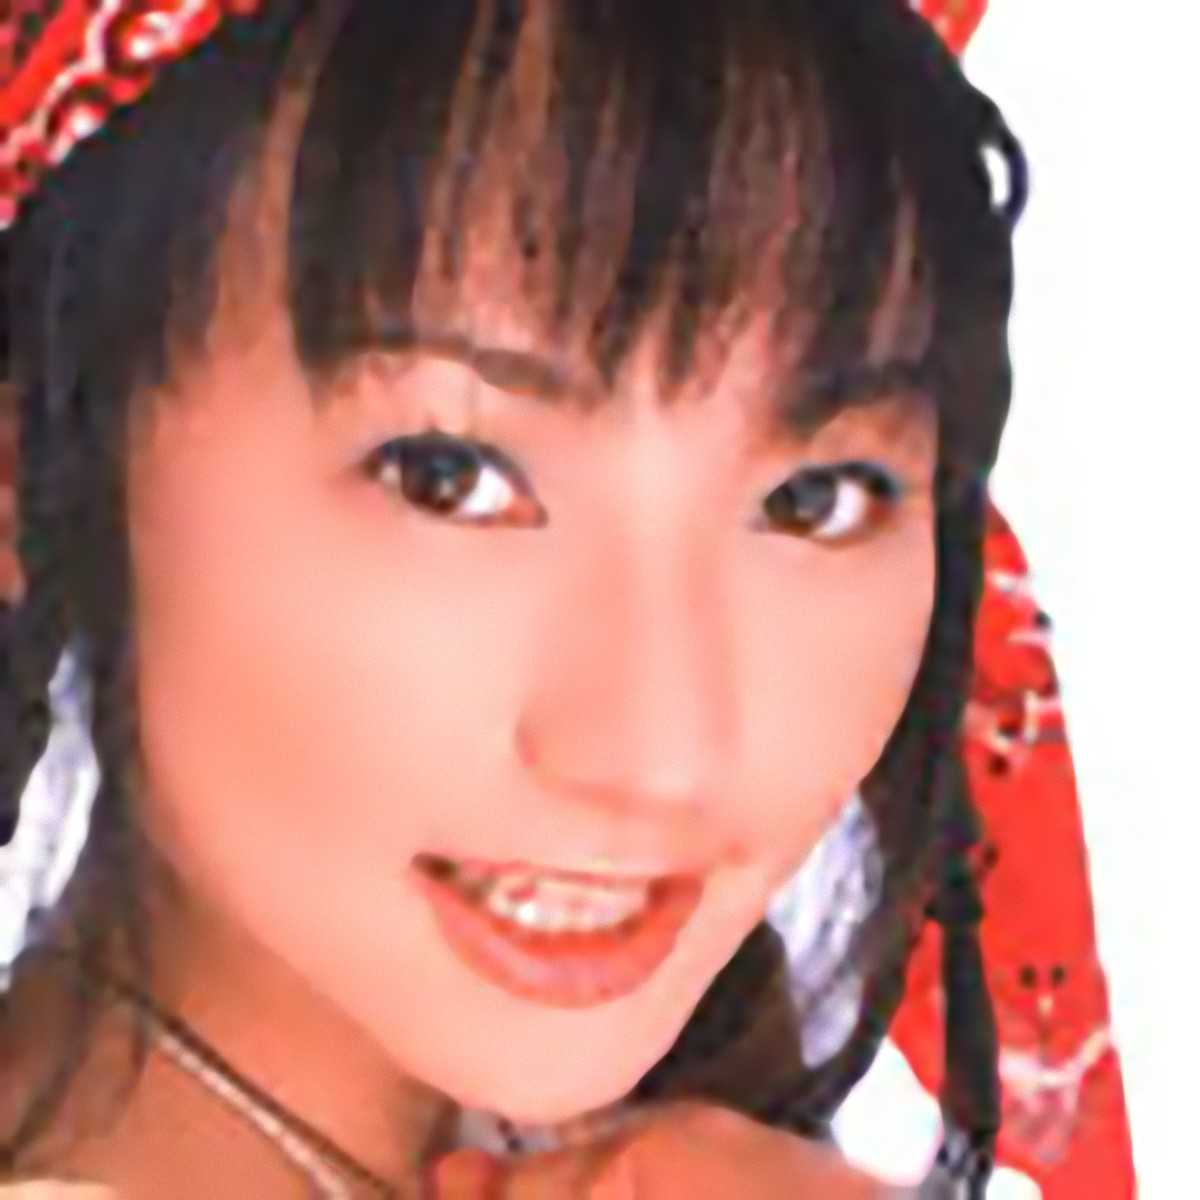 夕樹舞子さんのプロフィールと画像集13ページ目   AV女優画像